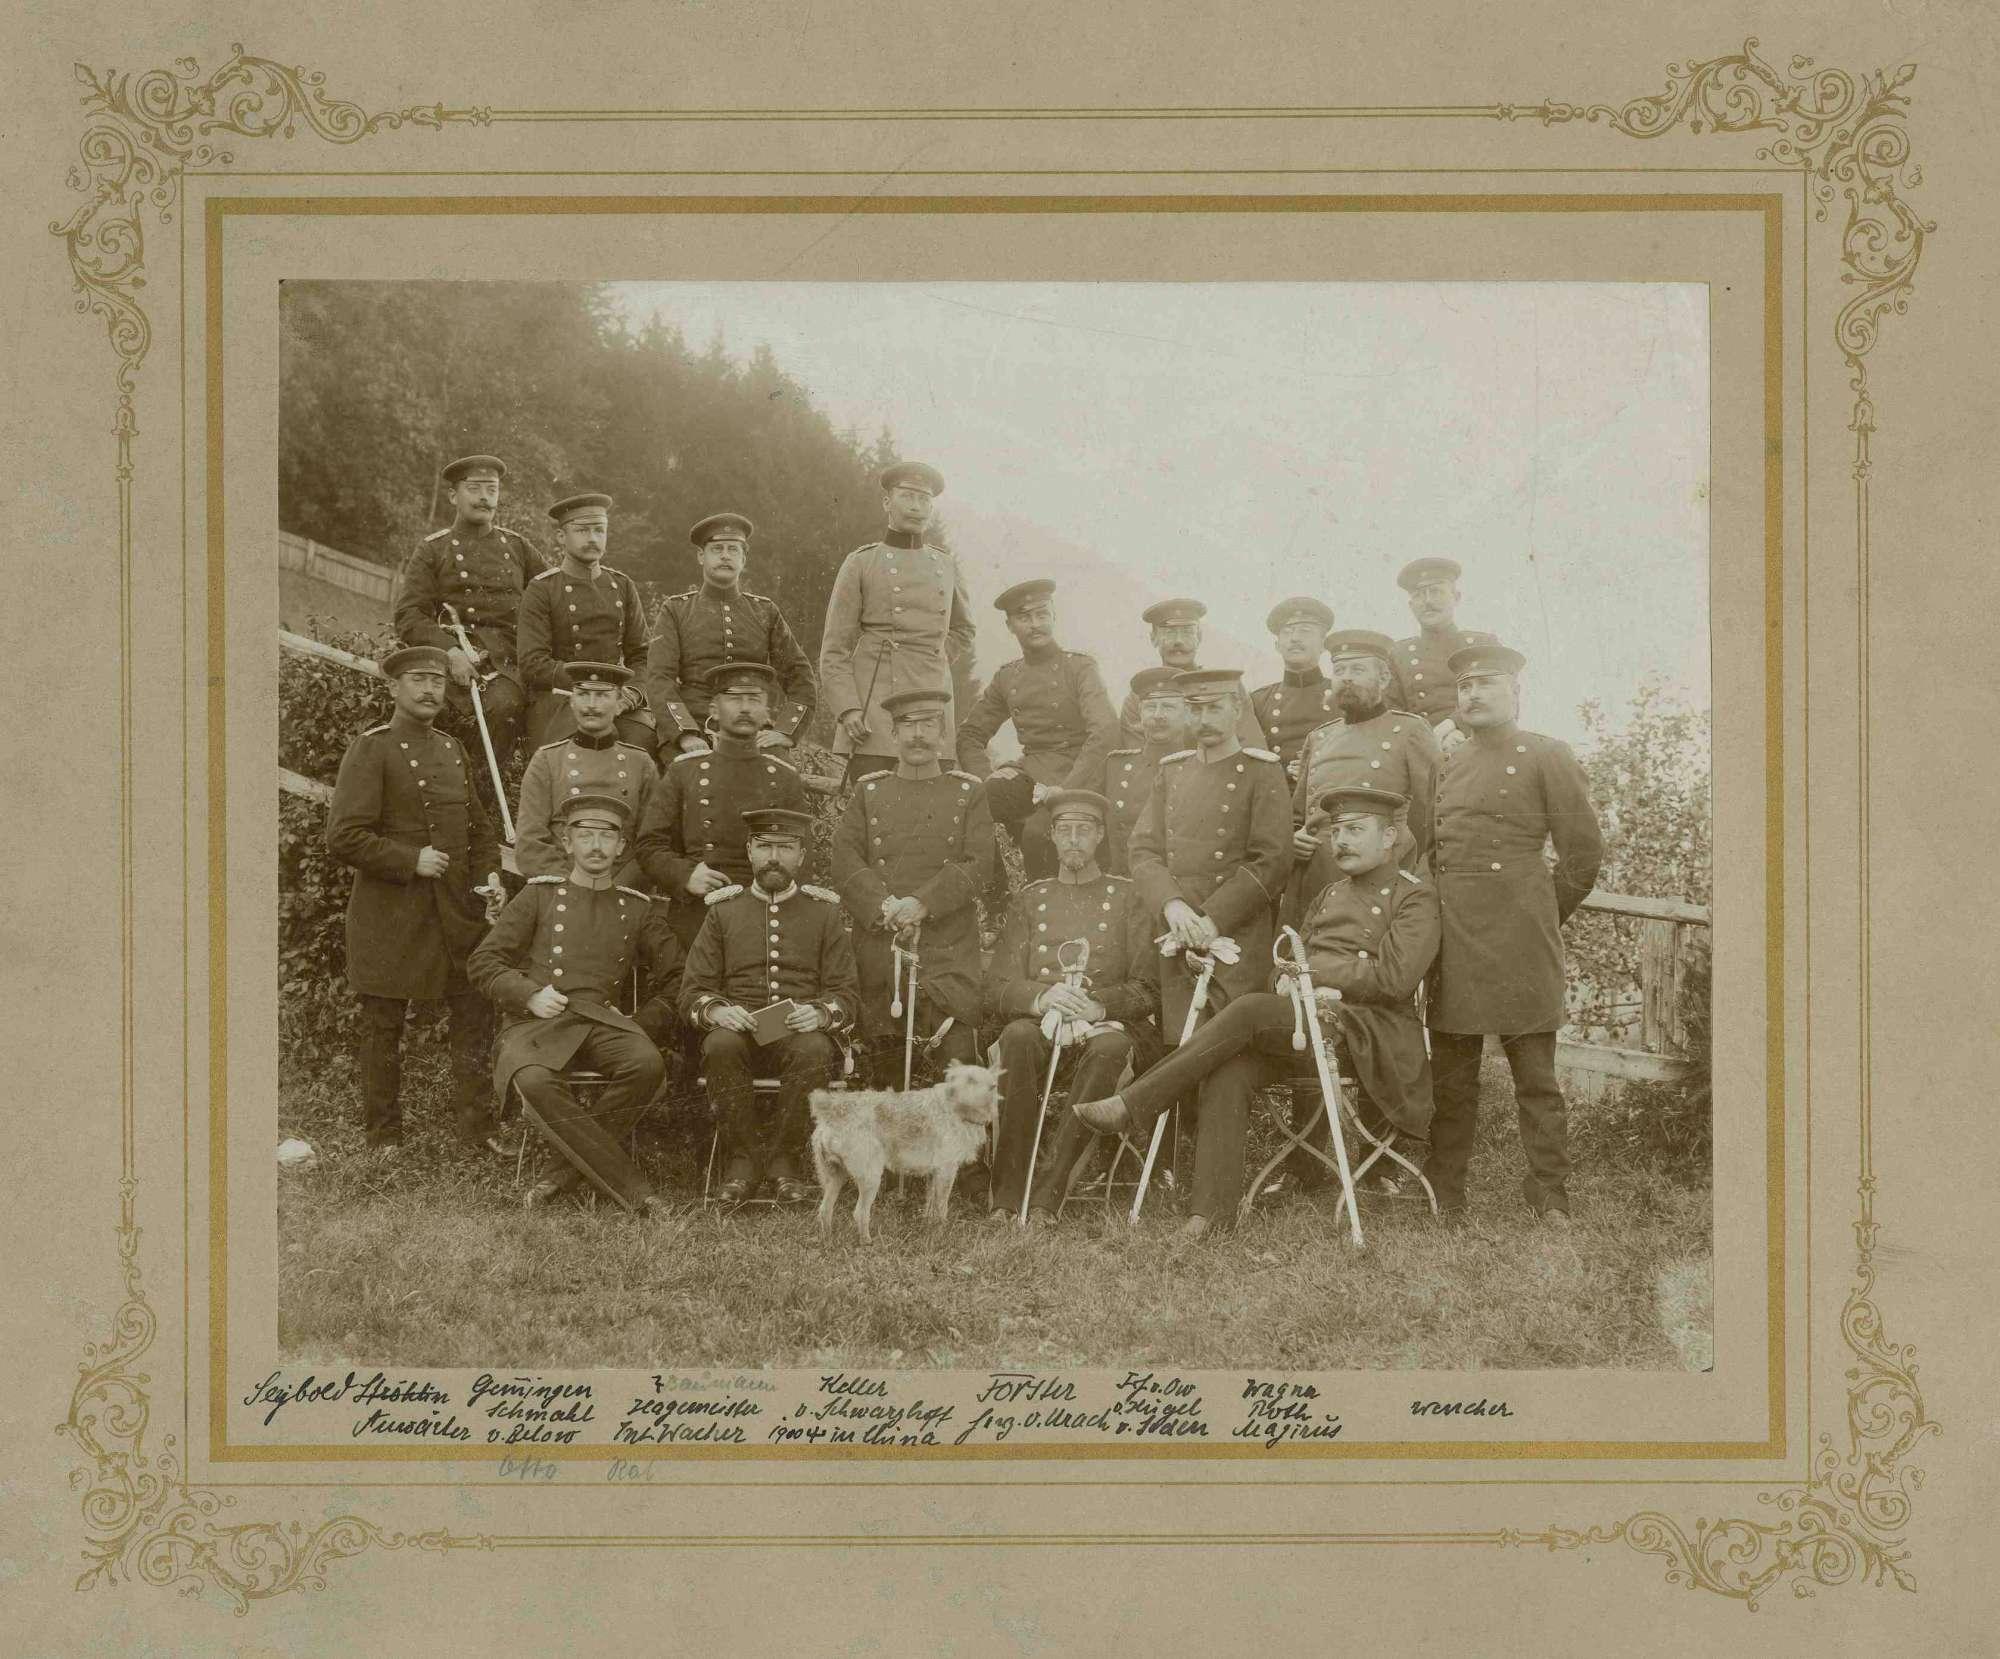 Generalstabsreise 1896, zwanzig Offiziere (unter ihnen Oberst Max Forster) teils stehend, teils sitzend, in Uniform und Mütze, Bilder vorwiegend in Halbprofil, Bild 1